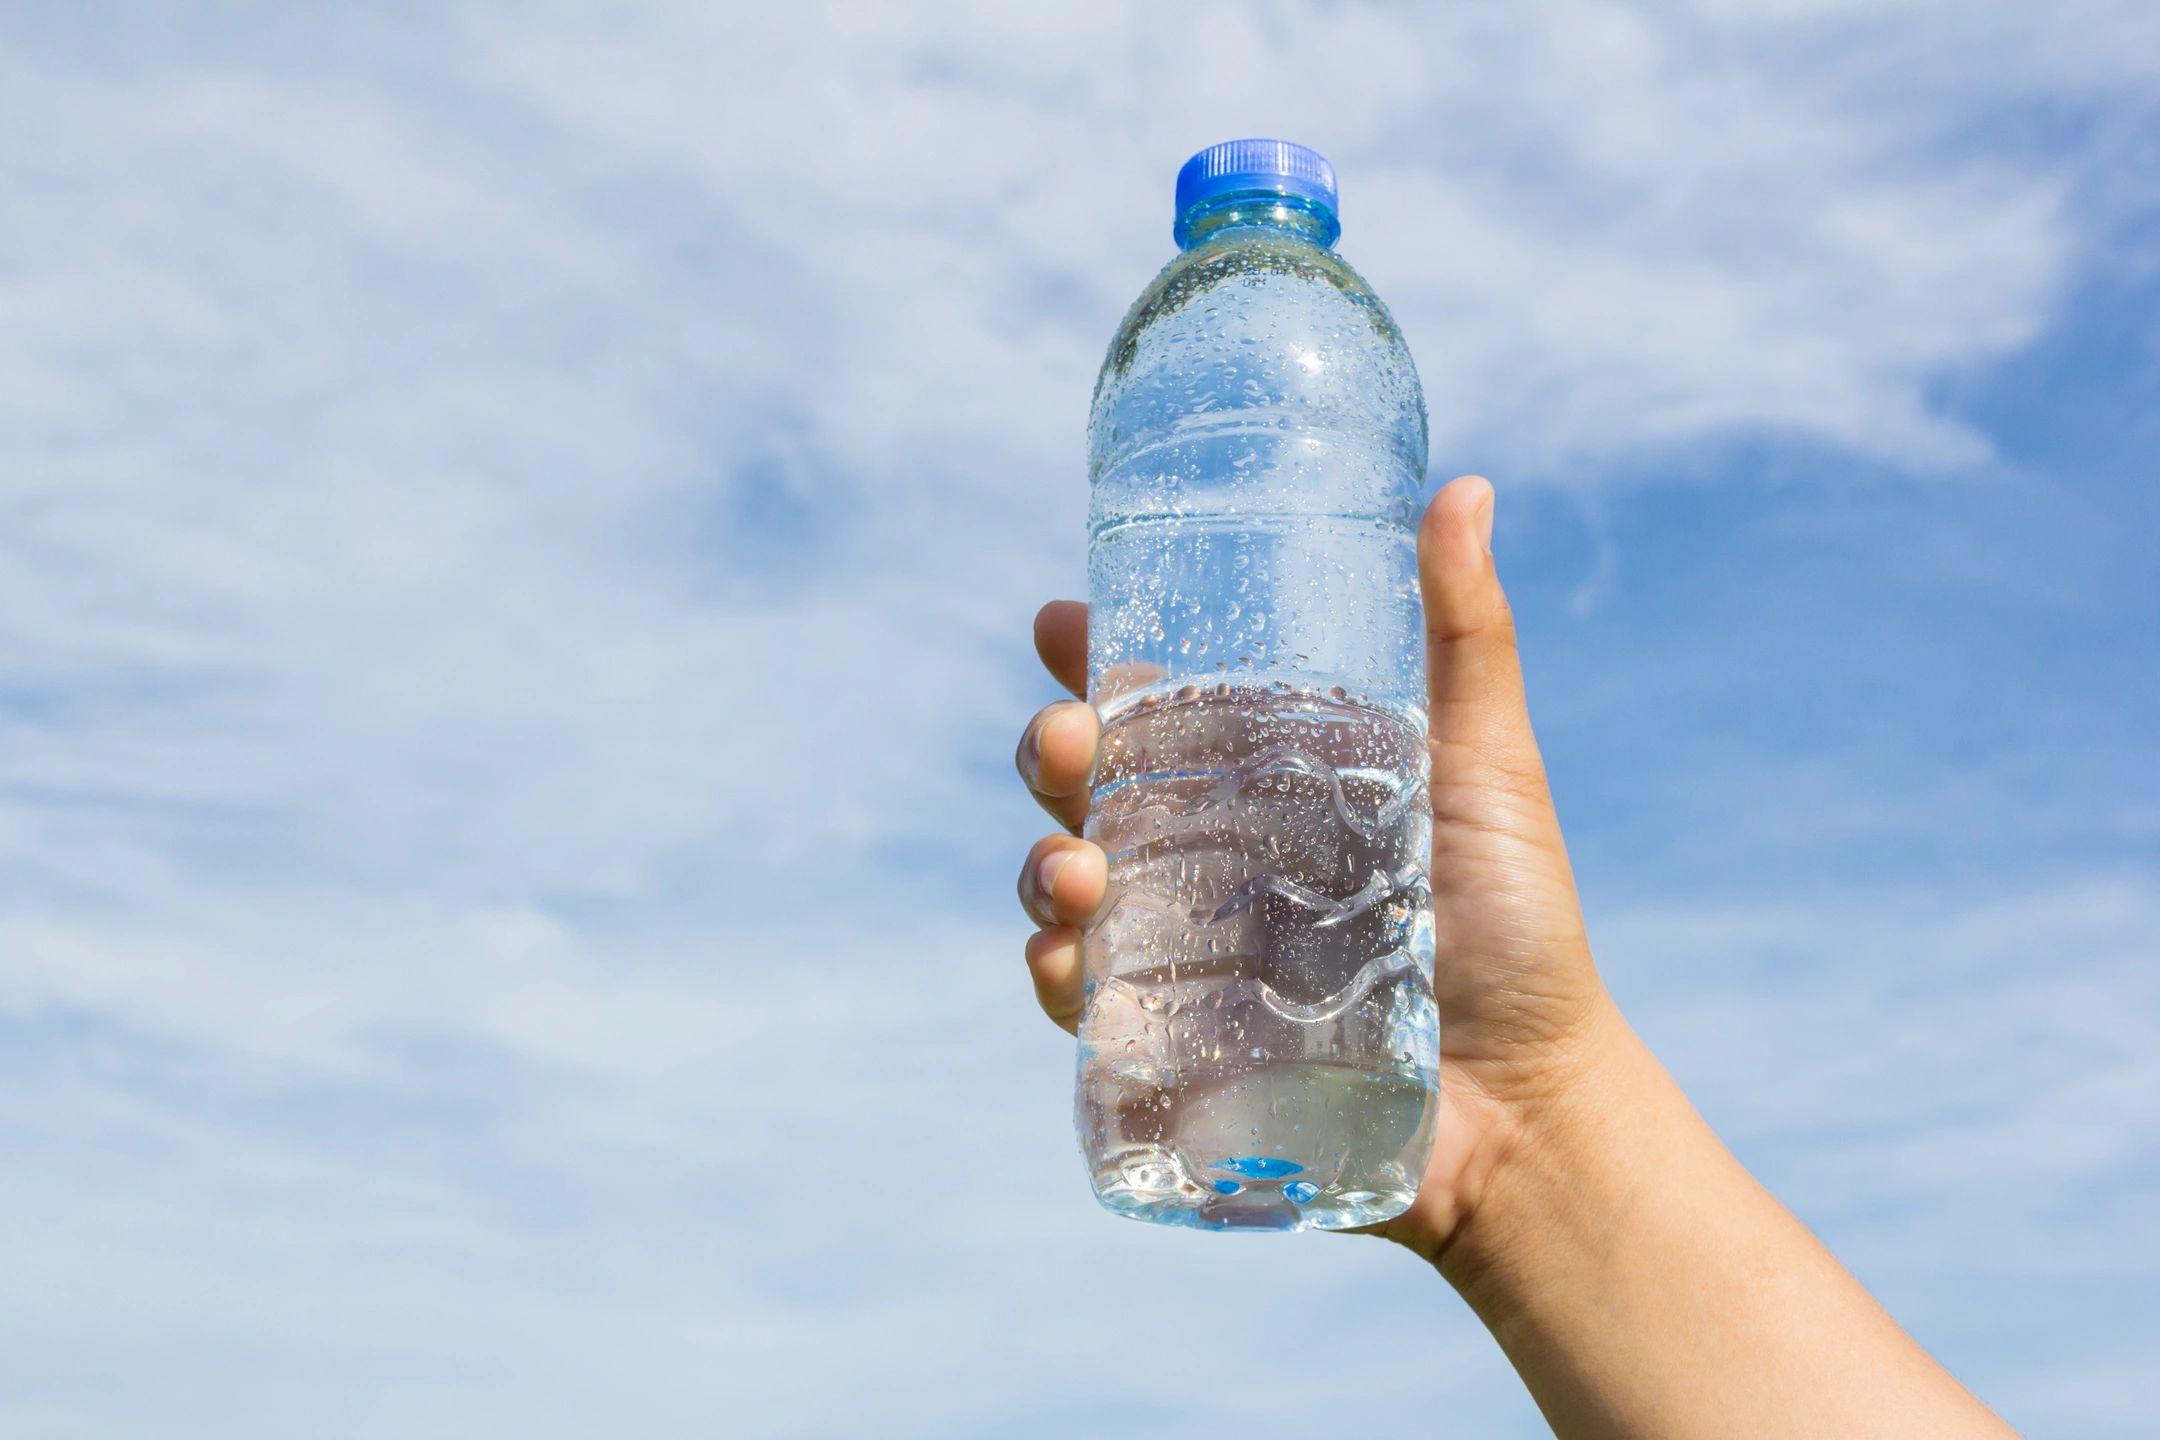 Во время ЧМ по футболу в Московском зоопарке будут принимать пластиковые бутылки